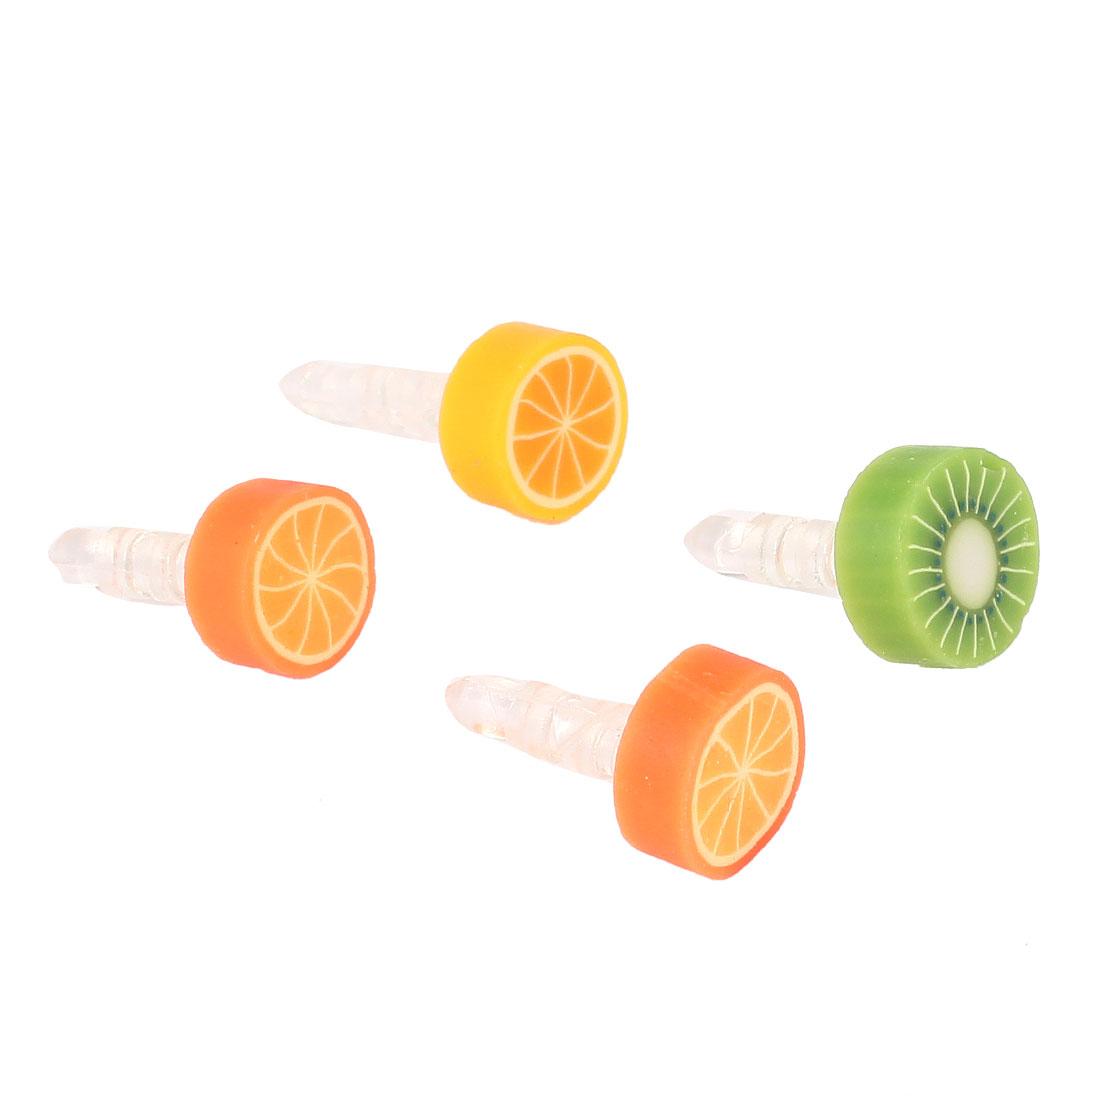 4 Pcs Lovely Fruit 3.5mm Anti Dust Dustproof Earphone Headphone Stopper Cap Green Orange